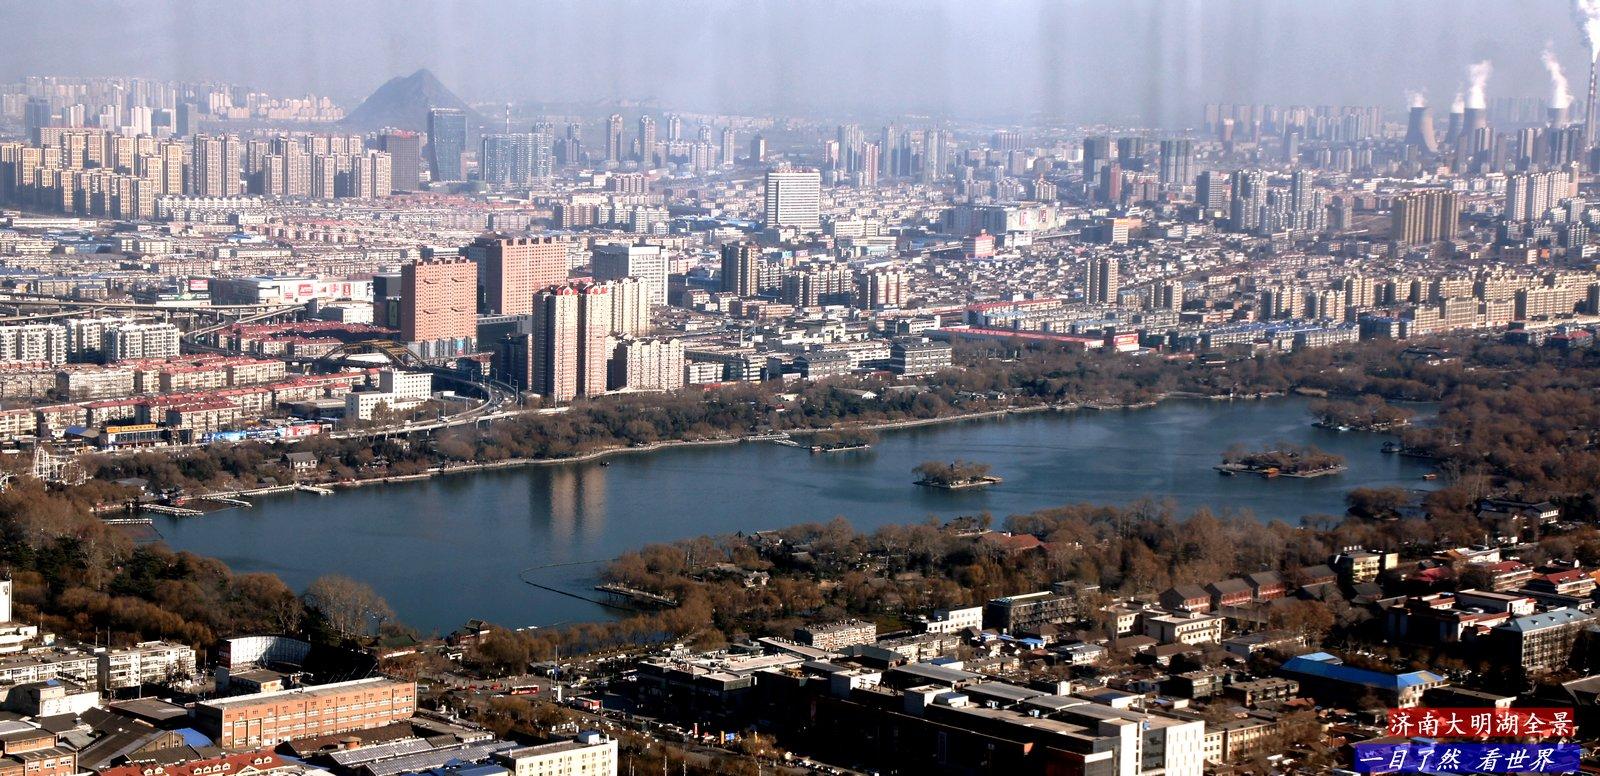 大明湖全景-4-1600.jpg